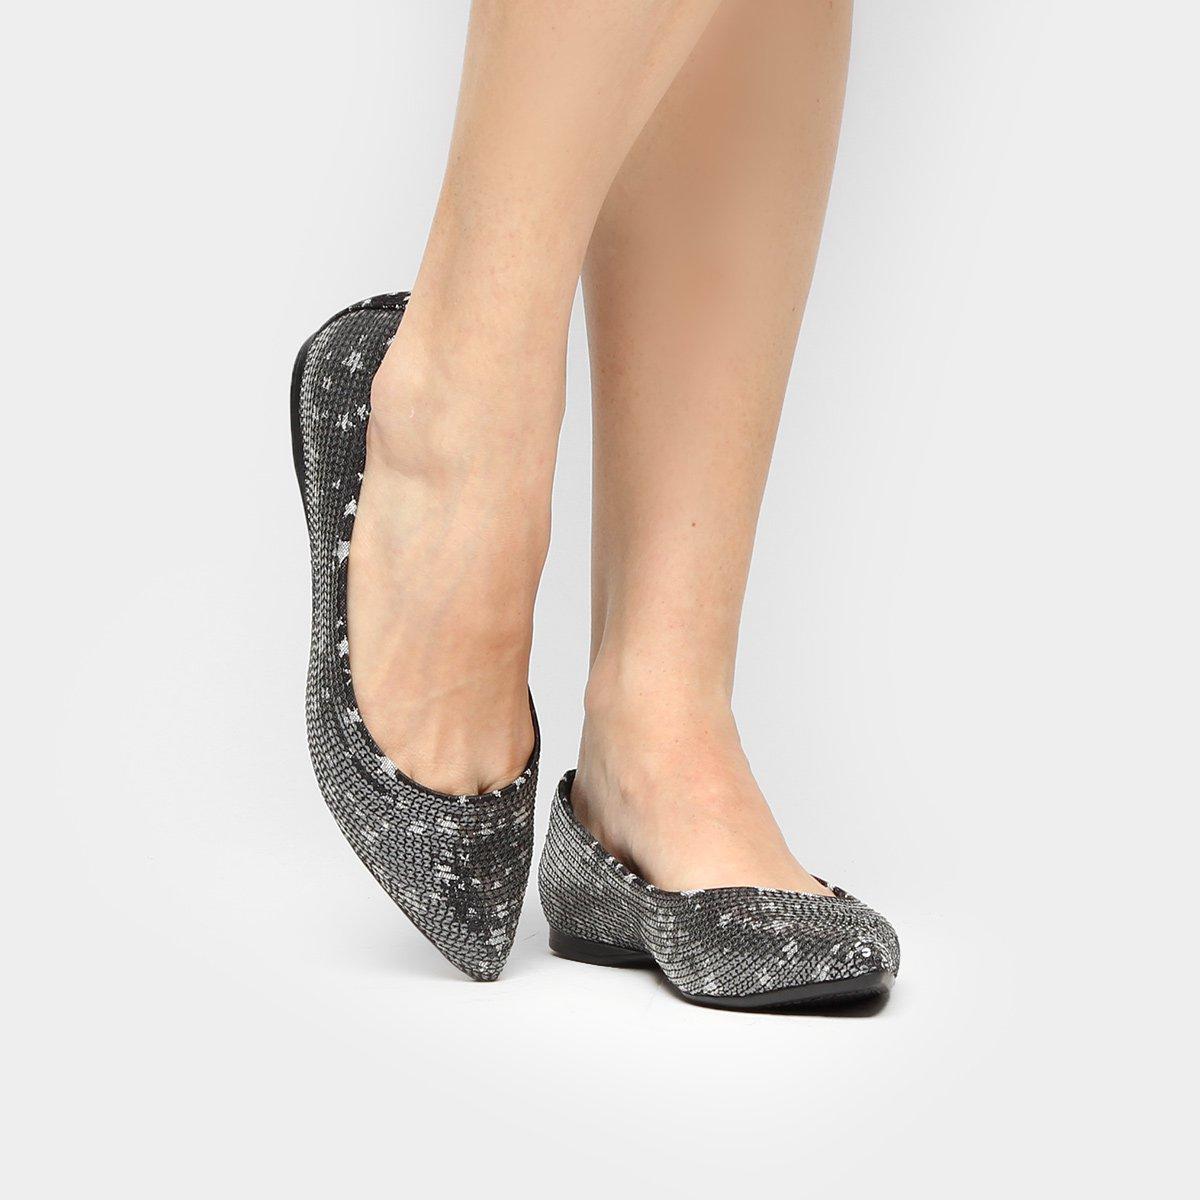 01e9e64db2 70%OFF Sapatilha Shoestock Bico Fino Bordado Preto